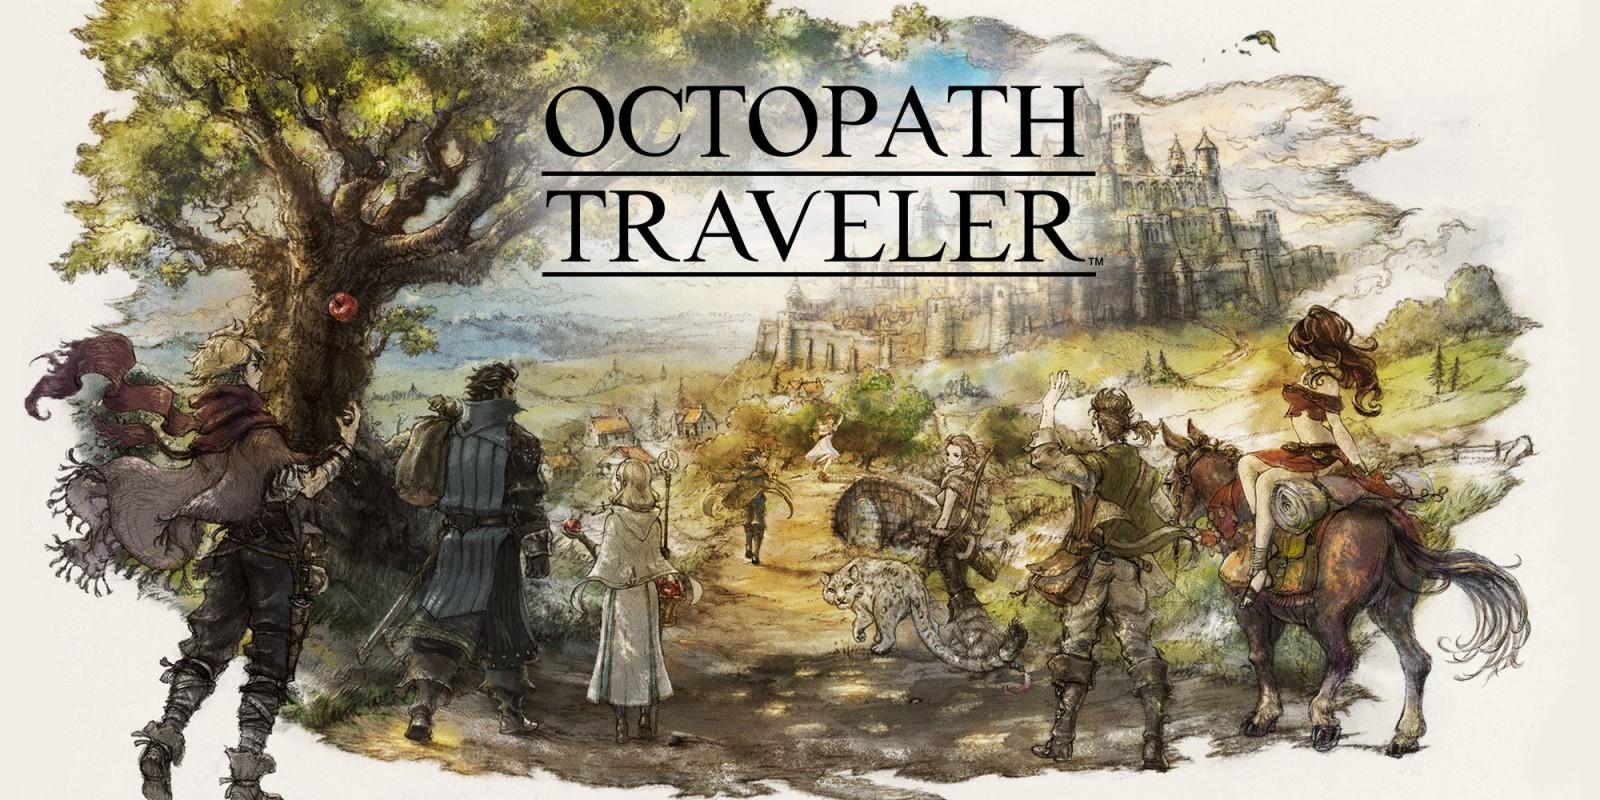 Octopath Traveler ultrapassa 1 milhão de cópias vendidas no ocidente